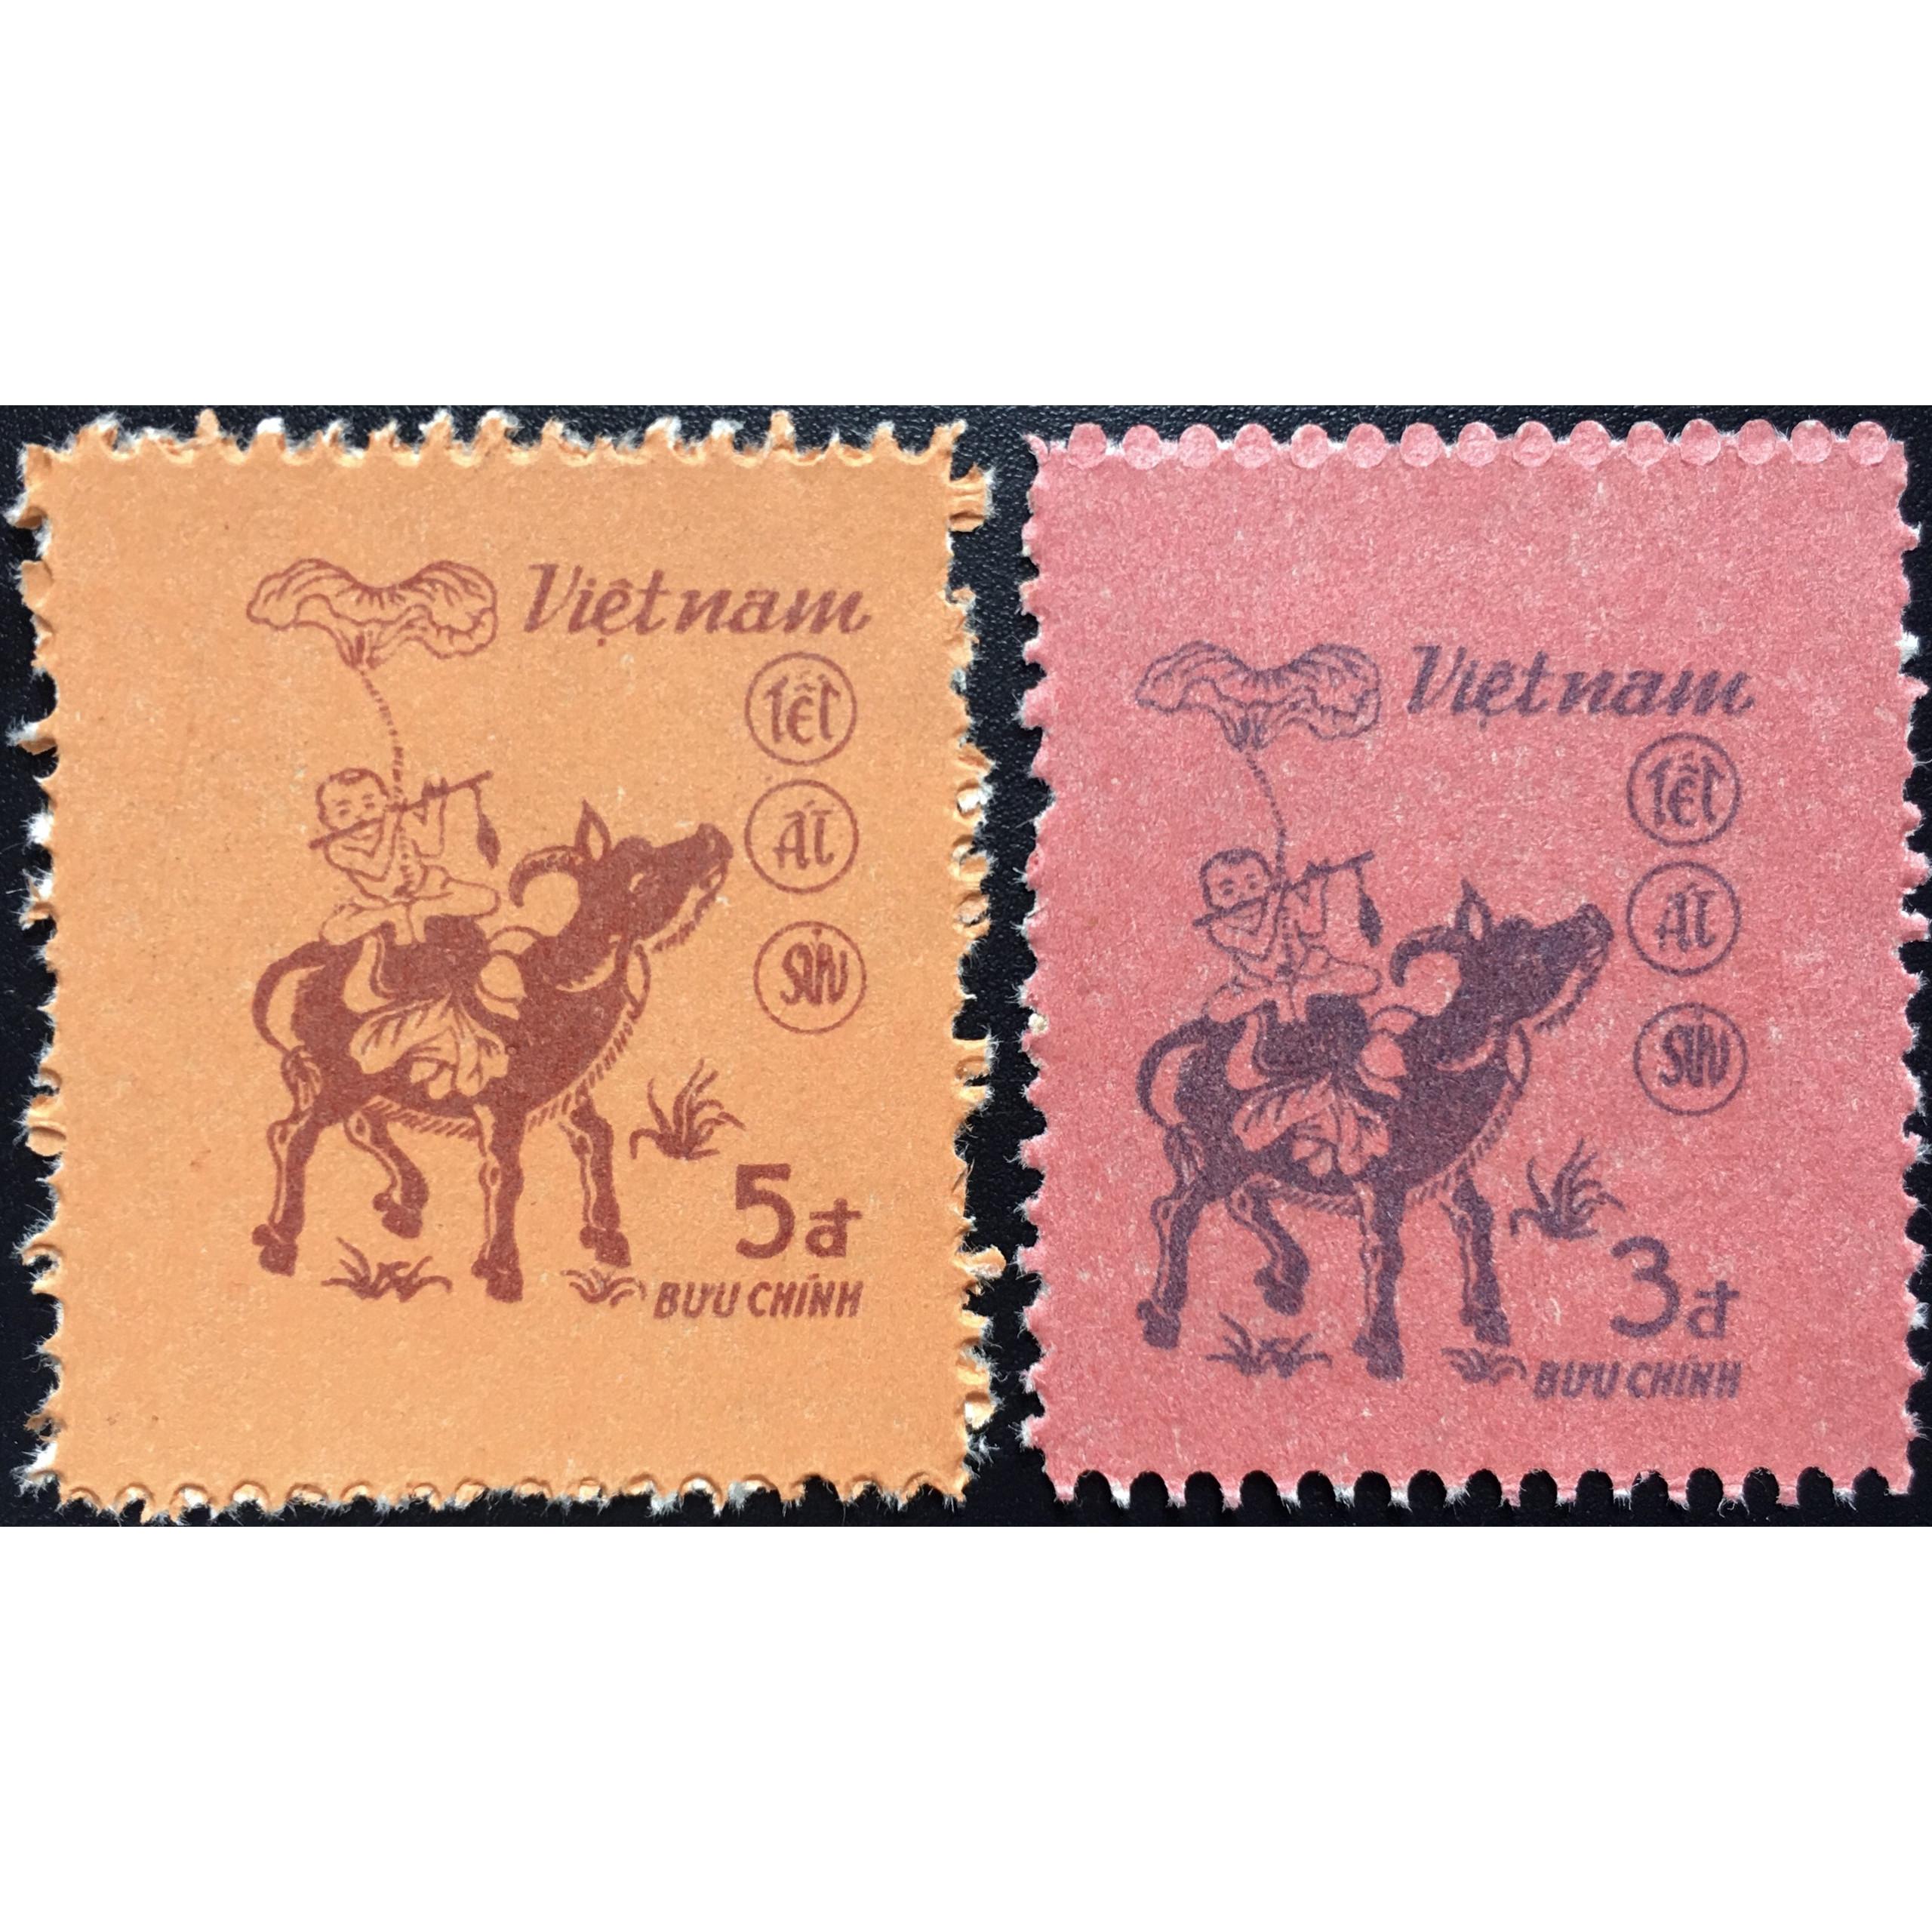 Bộ Tem Sưu Tầm Việt Nam Chủ Đề Tết Ất Sửu - 2 Con Stamp